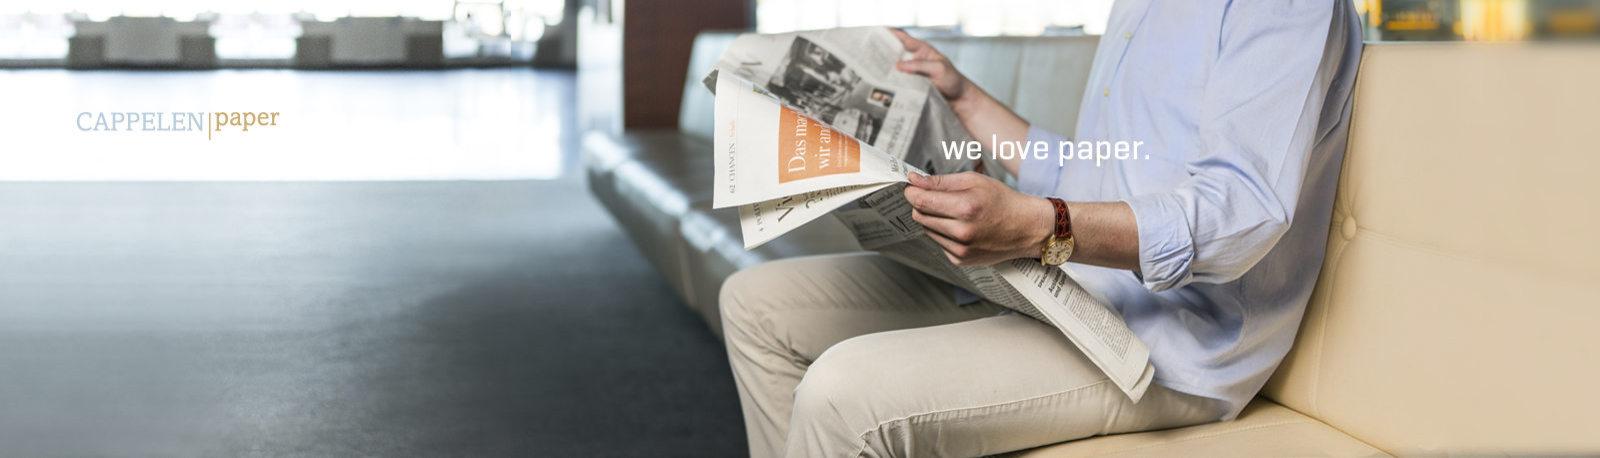 we love paper.